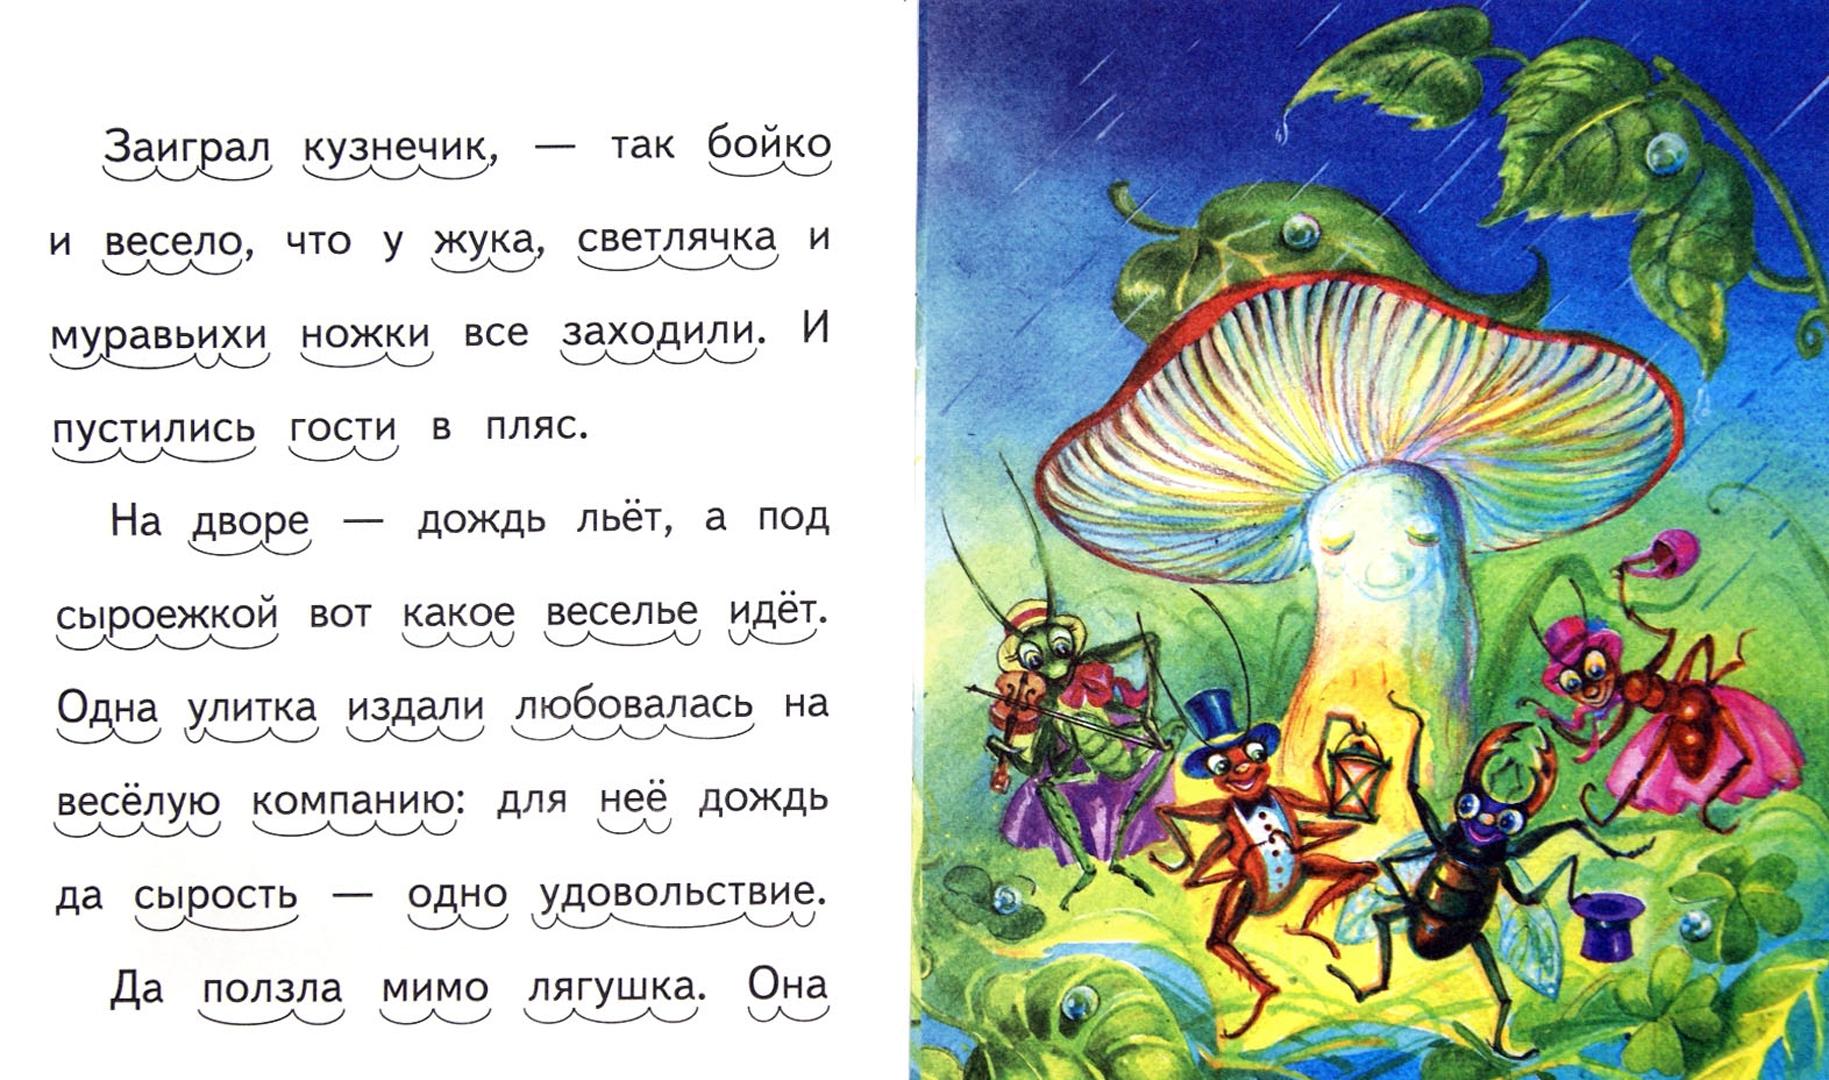 Иллюстрация 1 из 14 для Бал под сыроежкой - Александр Федоров-Давыдов | Лабиринт - книги. Источник: Лабиринт